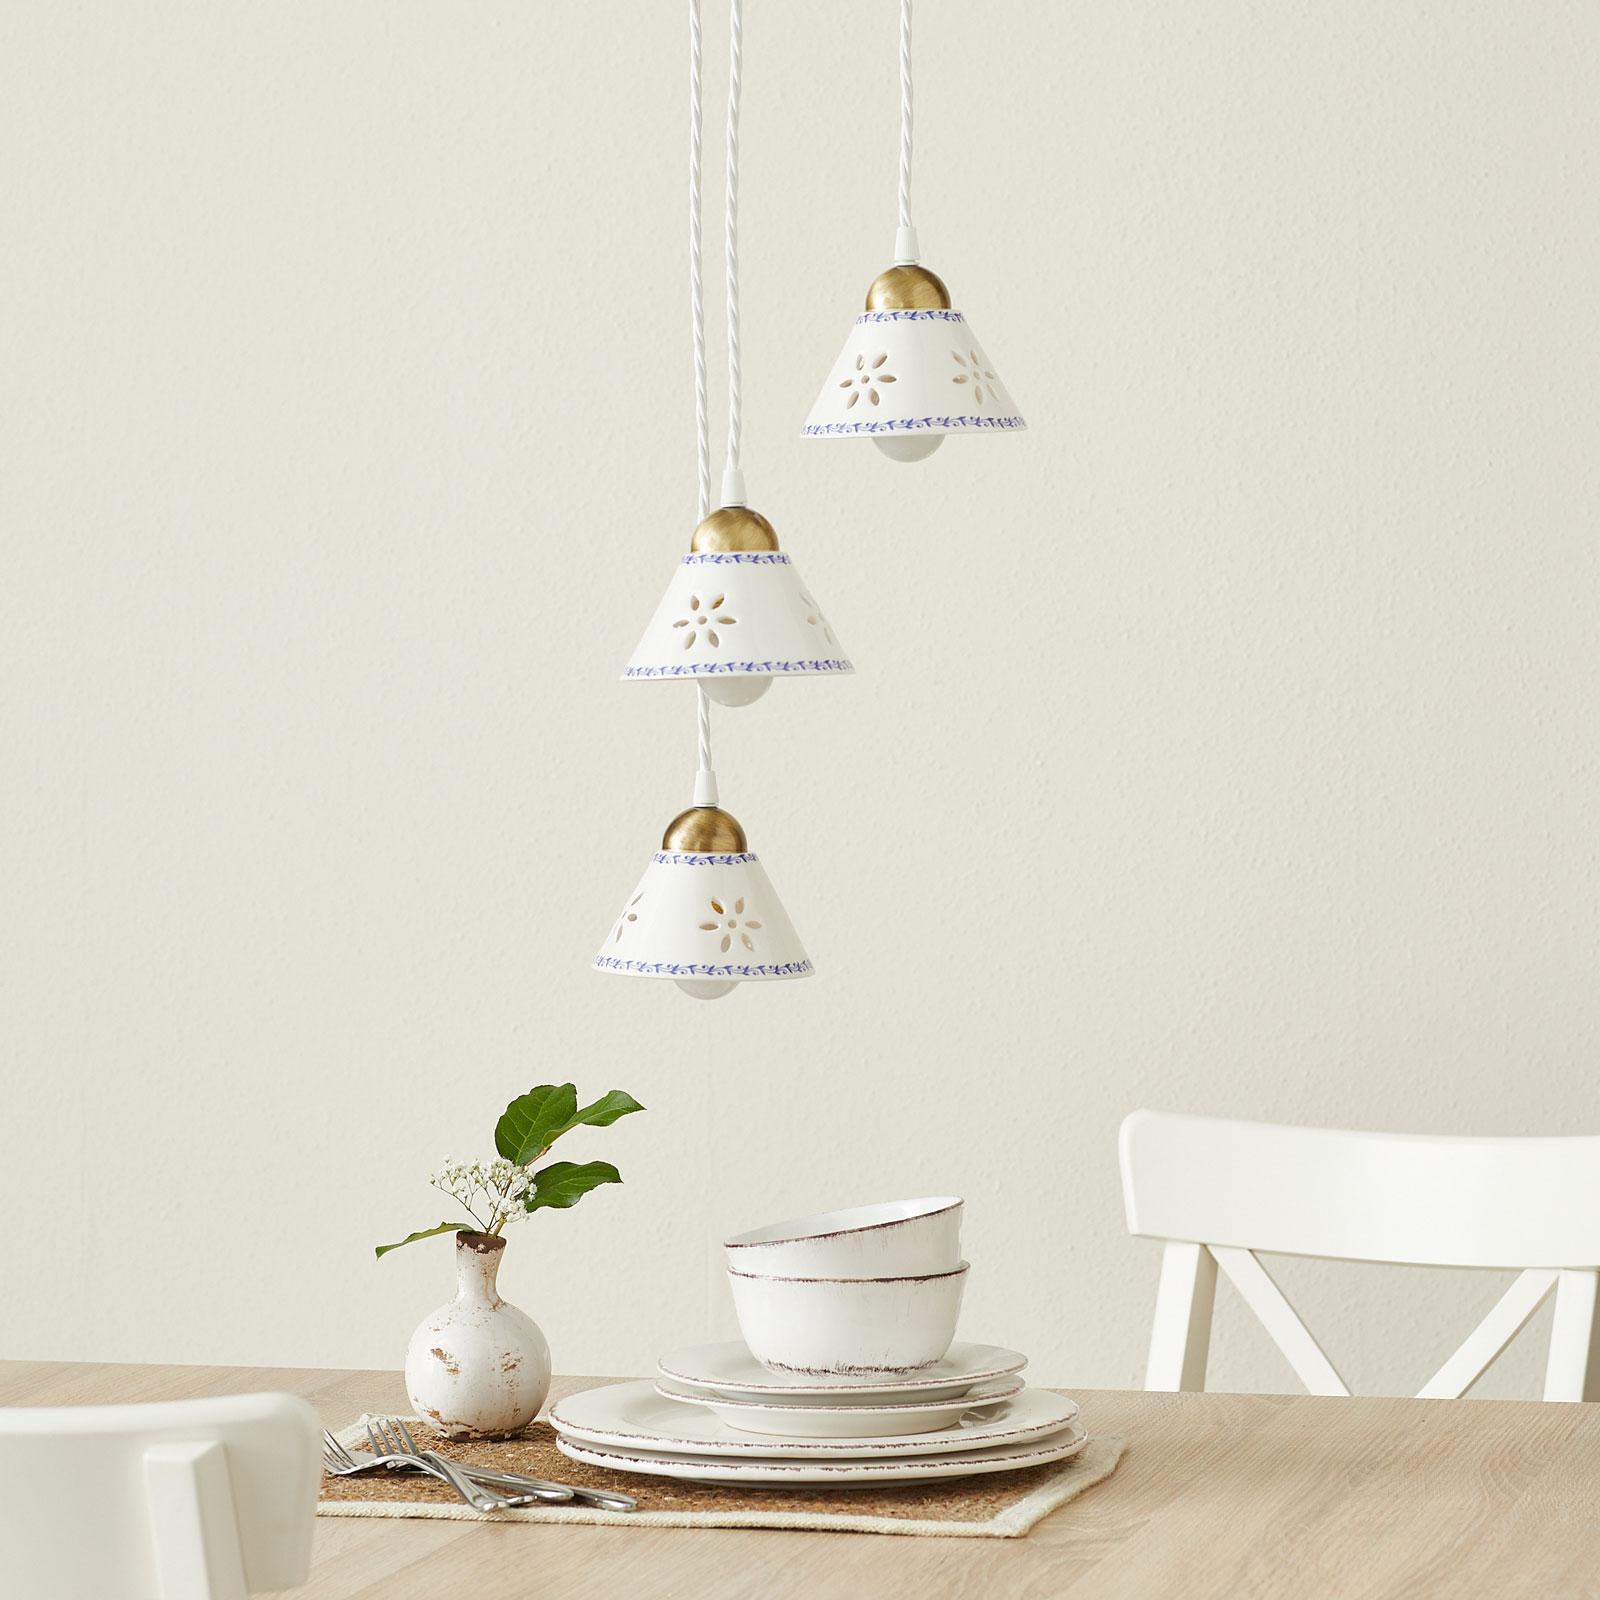 Hængelampe NONNA i hvid keramik, med 3 lyskilder